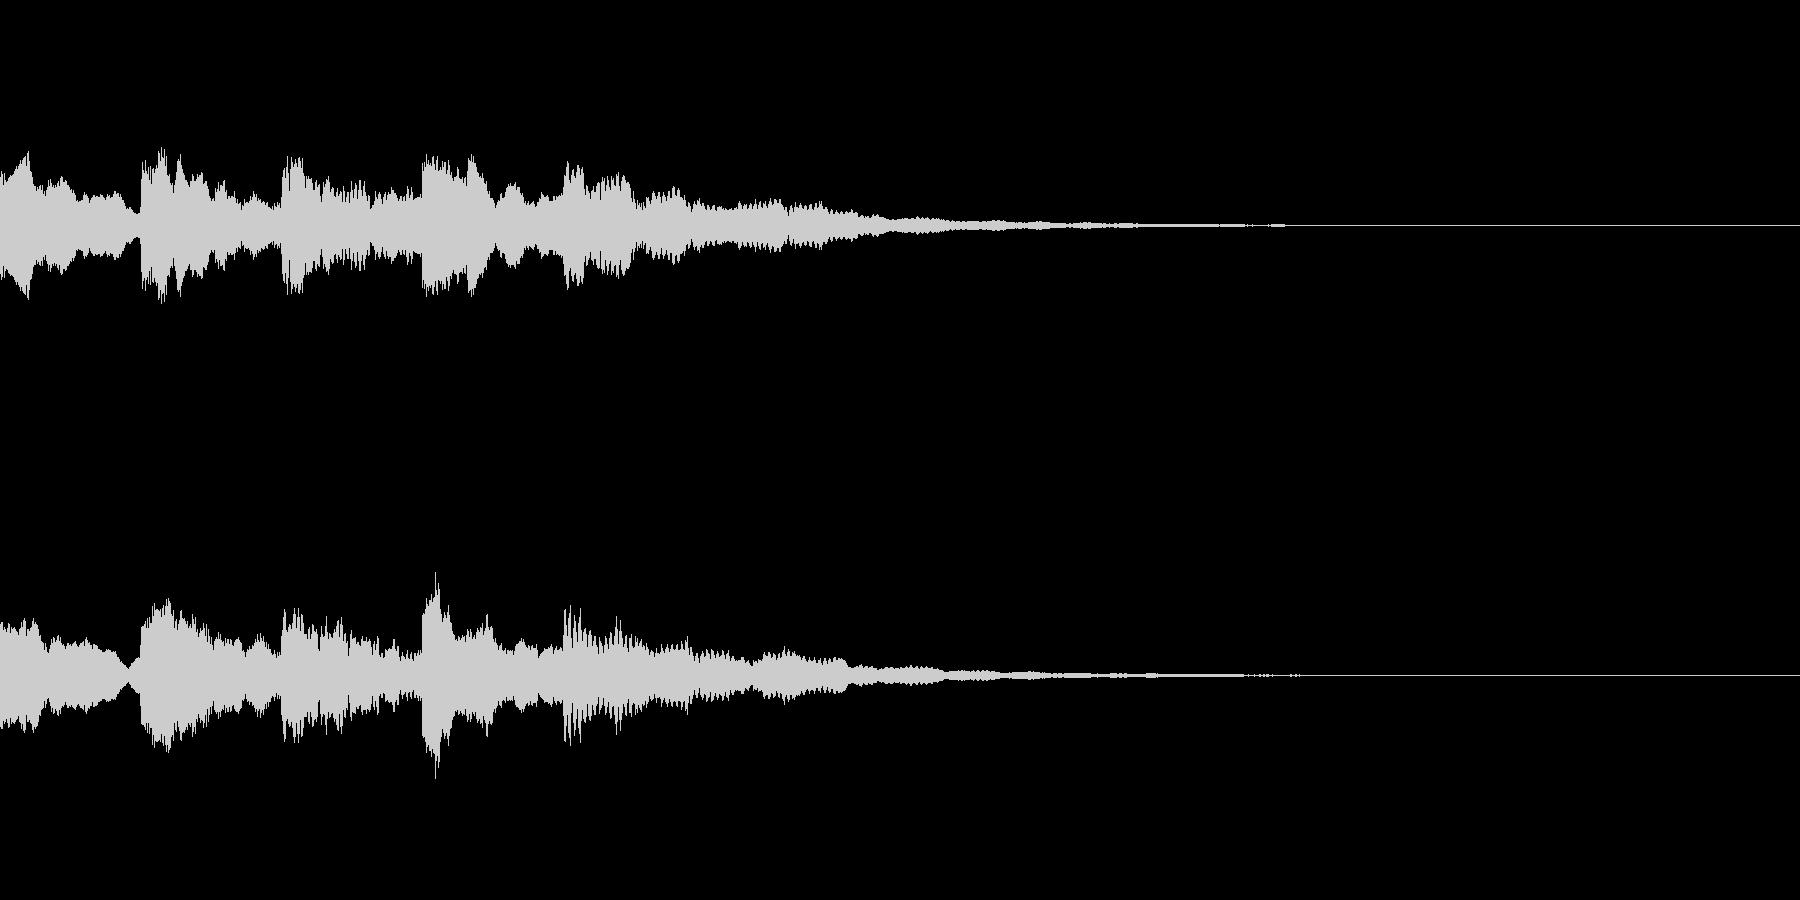 暗い怖い音01の未再生の波形